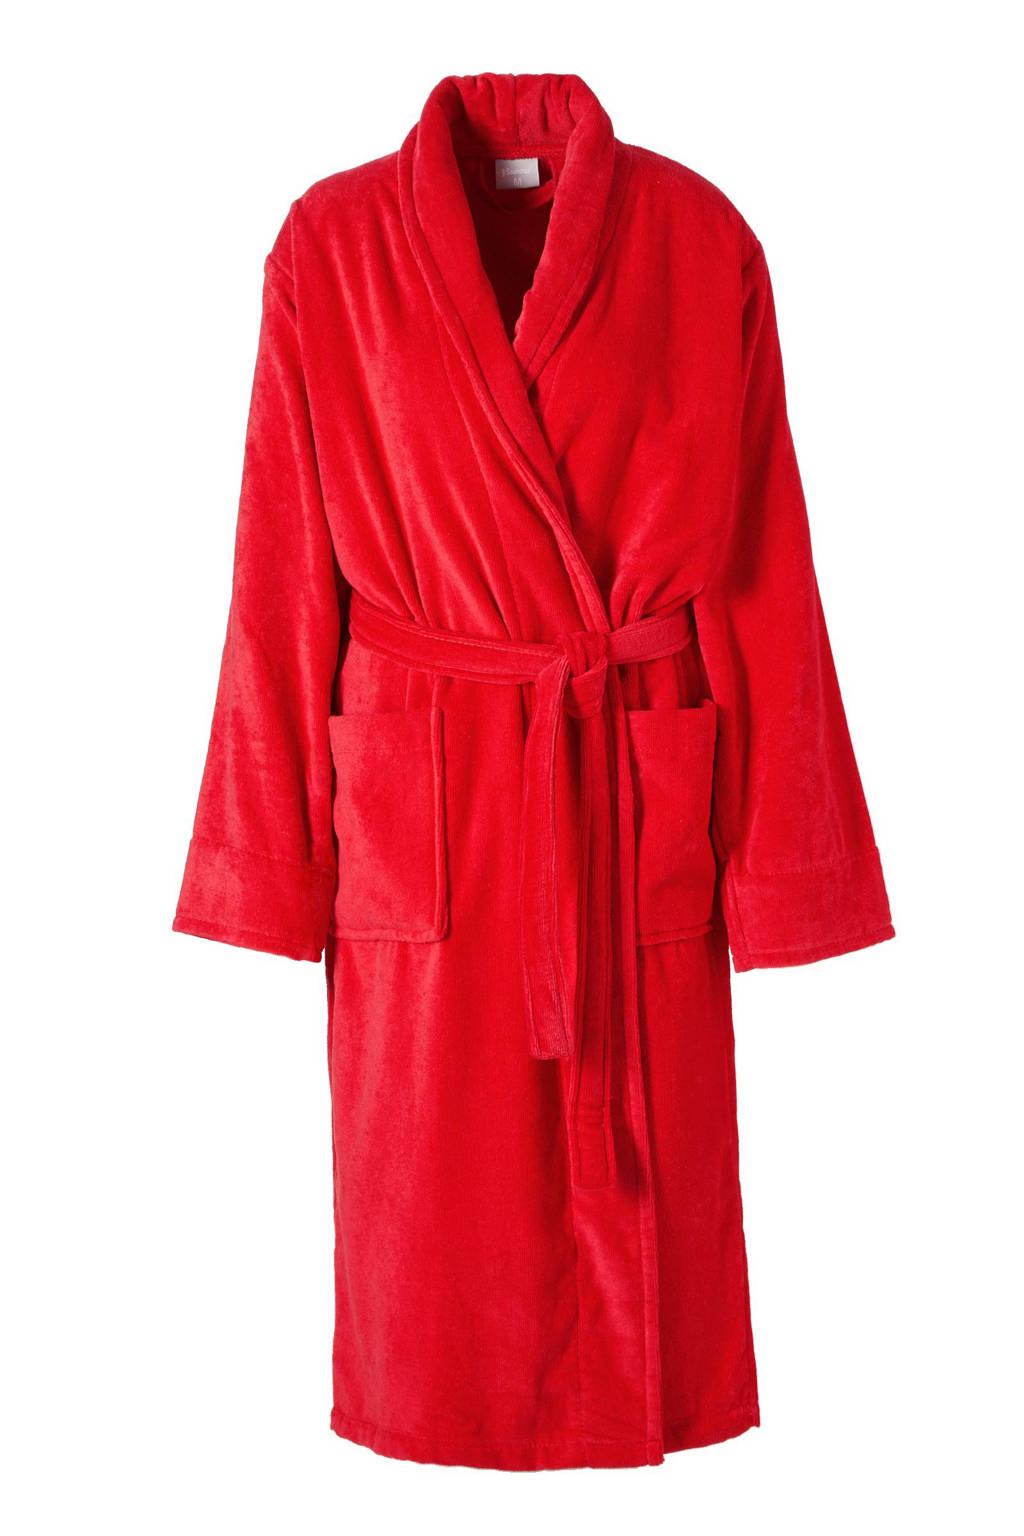 Seahorse badstof badjas Pure rood, Rood